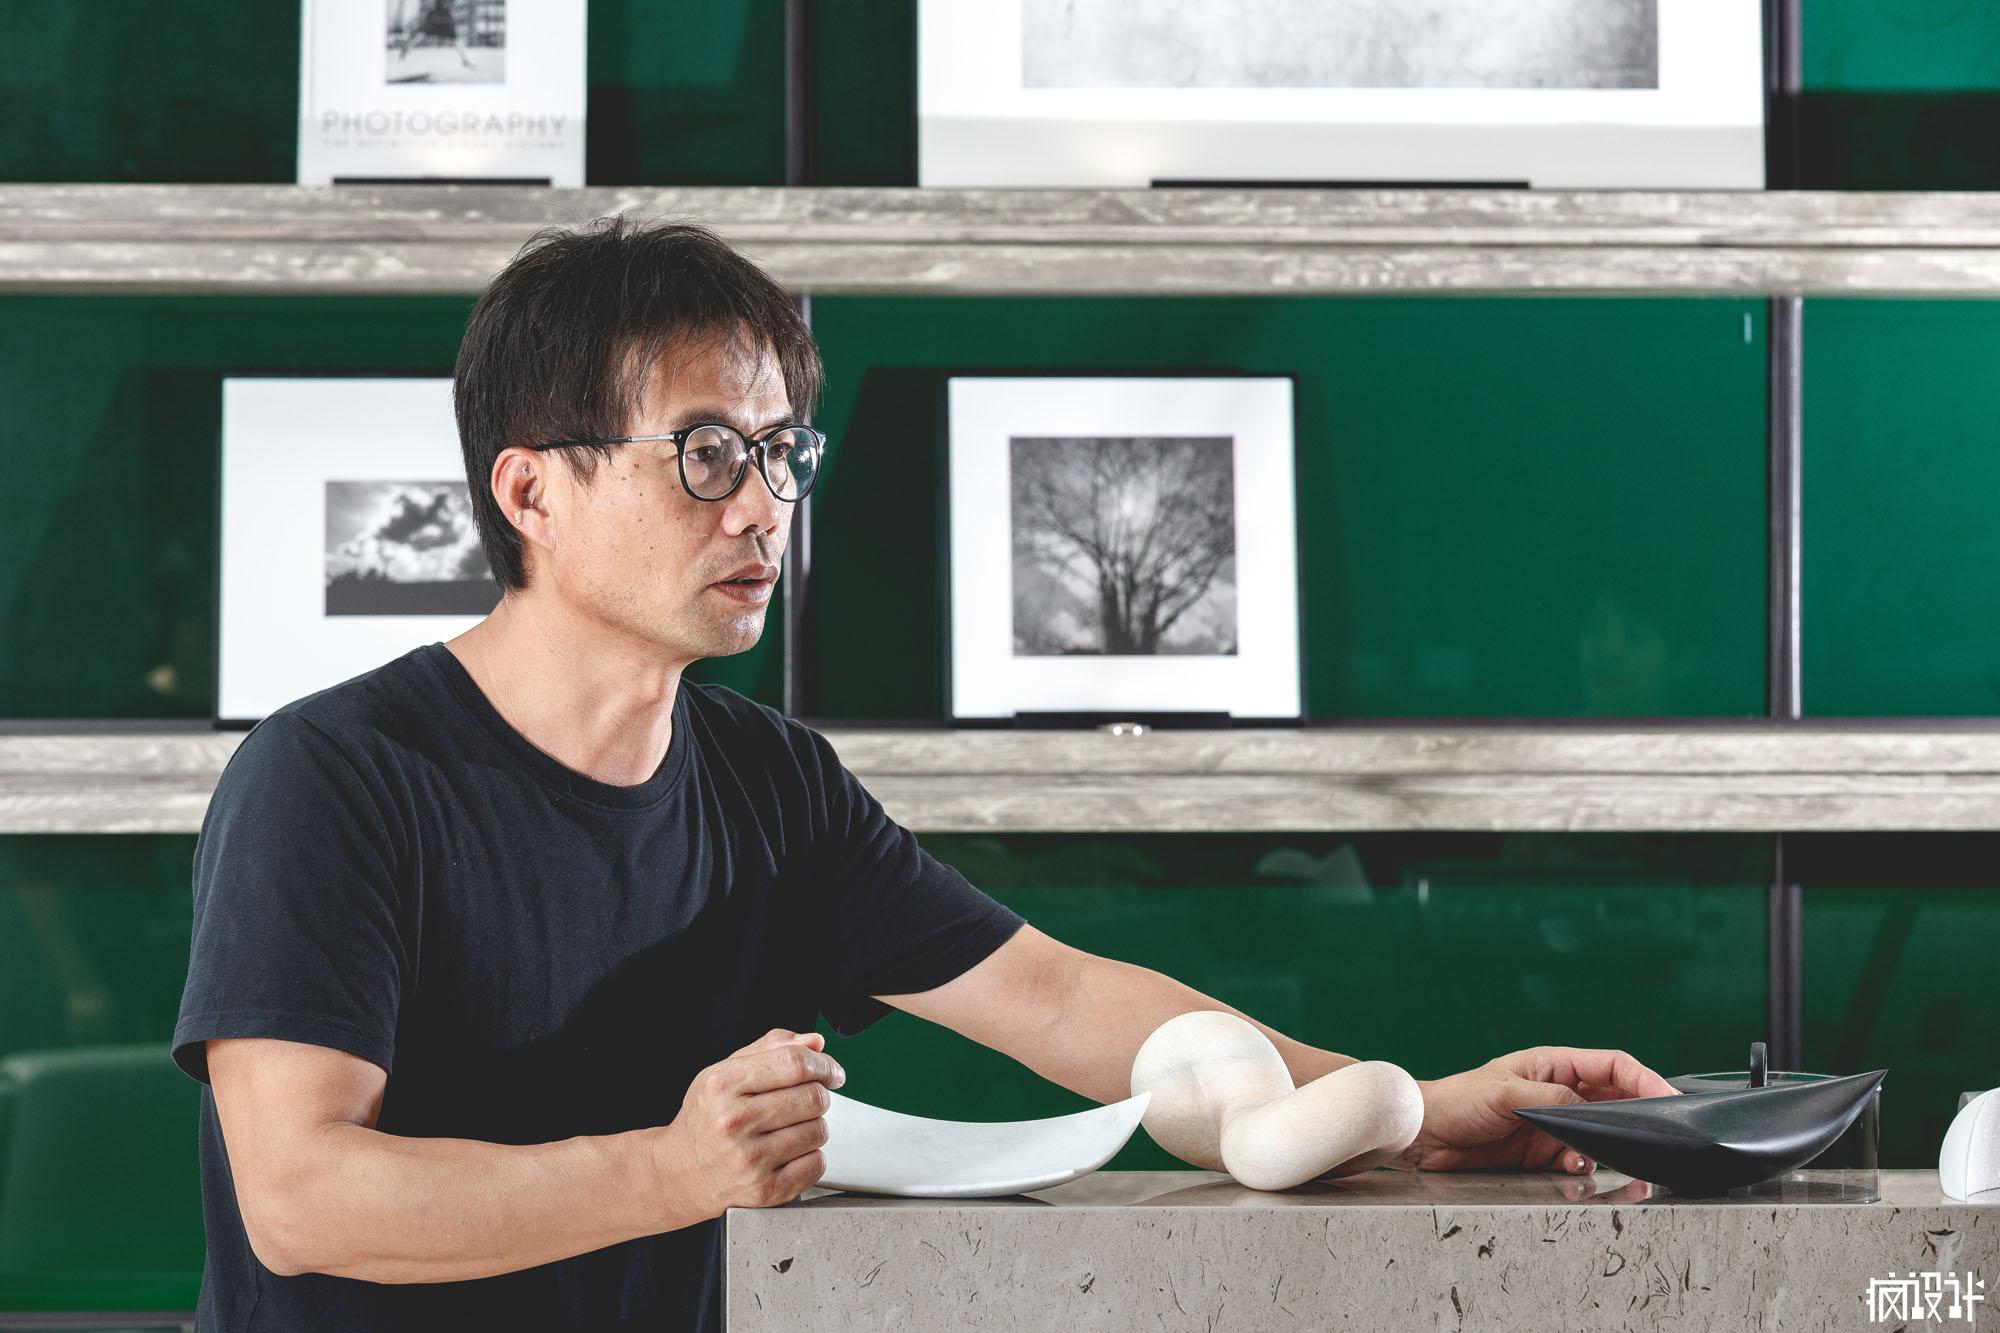 余宗杰老師帶來縮小版的作品,並解說創作意涵。